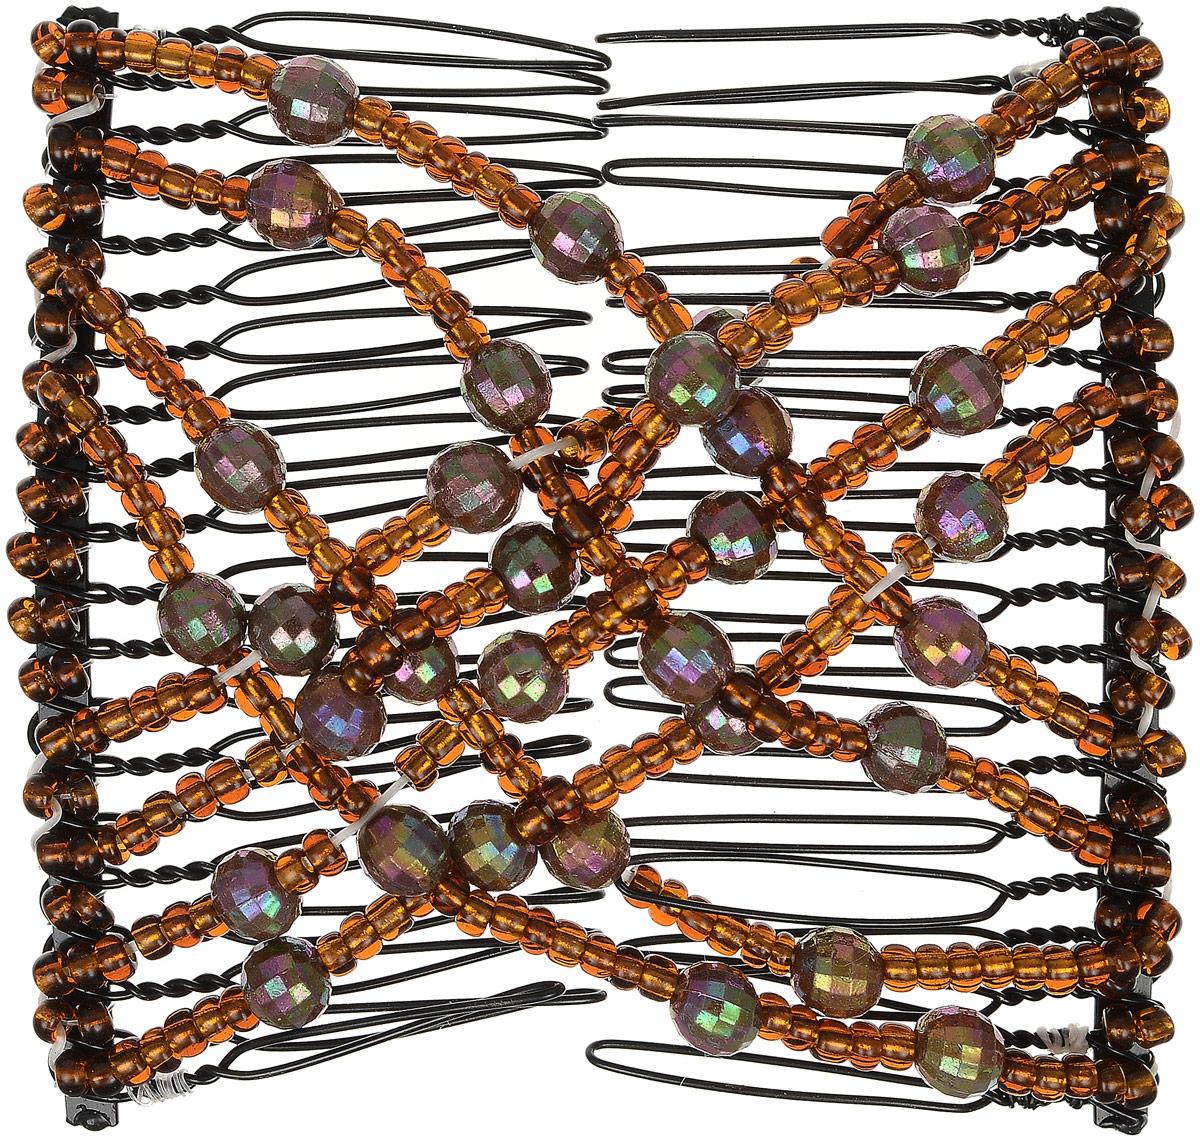 EZ-Combs Заколка Изи-Комбс, одинарная, цвет: коричневый. ЗИО_перламутрЗИО_коричневый, перламутрУдобная и практичная EZ-Combs подходит для любого типа волос: тонких, жестких, вьющихся или прямых, и не наносит им никакого вреда. Заколка не мешает движениям головы и не создает дискомфорта, когда вы отдыхаете или управляете автомобилем. Каждый гребень имеет по 20 зубьев для надежной фиксации заколки на волосах! И даже во время бега и интенсивных тренировок в спортзале EZ-Combs не падает; она прочно фиксирует прическу, сохраняя укладку в первозданном виде. Небольшая и легкая заколка для волос EZ-Combs поместится в любой дамской сумочке, позволяя быстро и без особых усилий создавать неповторимые прически там, где вам это удобно. Гребень прекрасно сочетается с любой одеждой: будь это классический или спортивный стиль, завершая гармоничный облик современной леди. И неважно, какой образ жизни вы ведете, если у вас есть EZ-Combs, вы всегда будете выглядеть потрясающе.